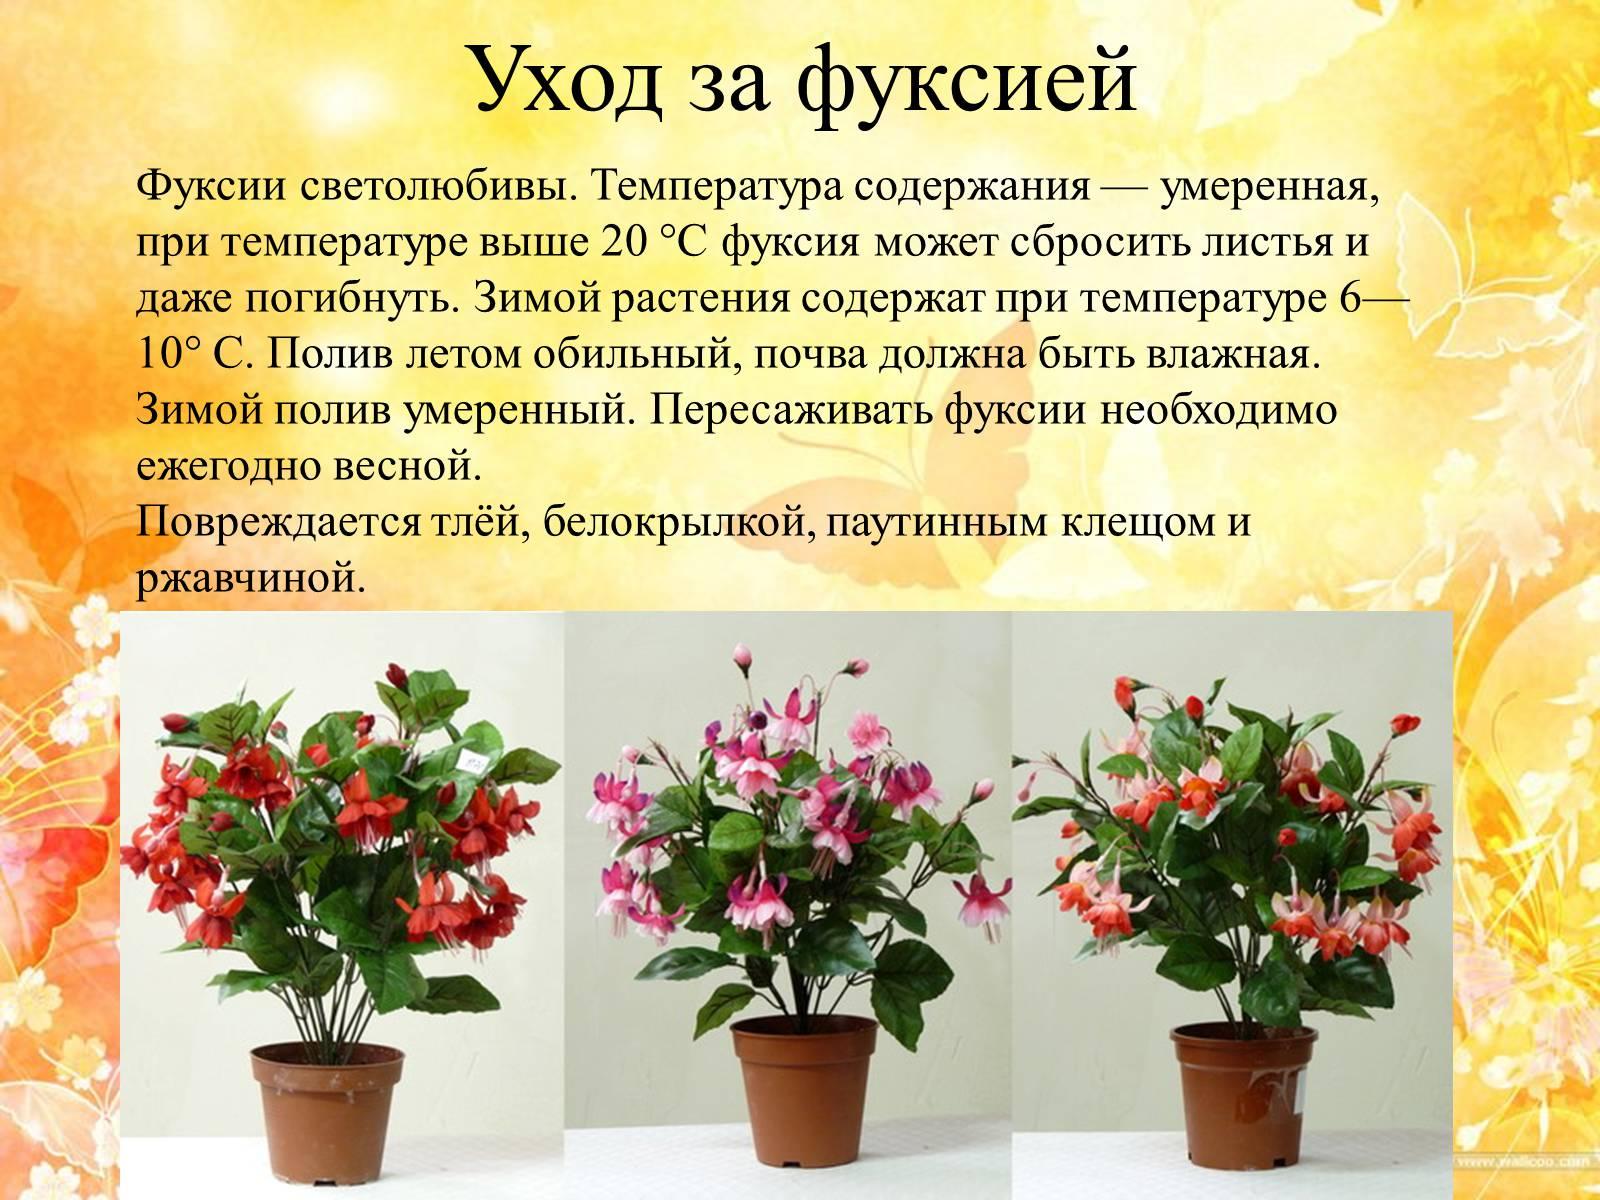 Название цветов комнатных и их размножение